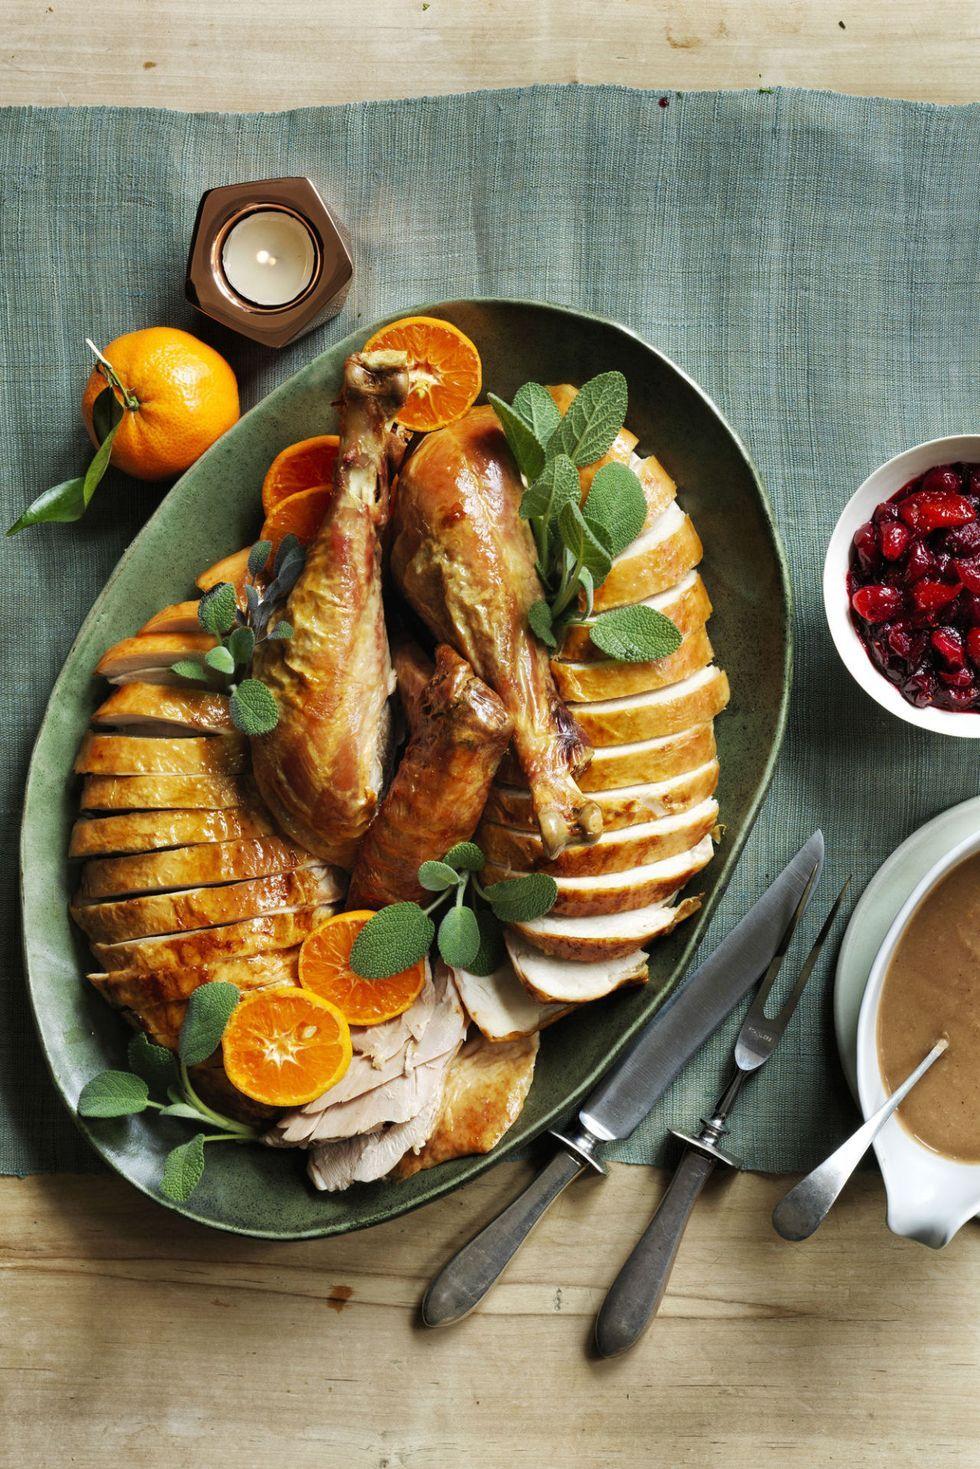 55 Best Christmas Dinner Ideas - Easy